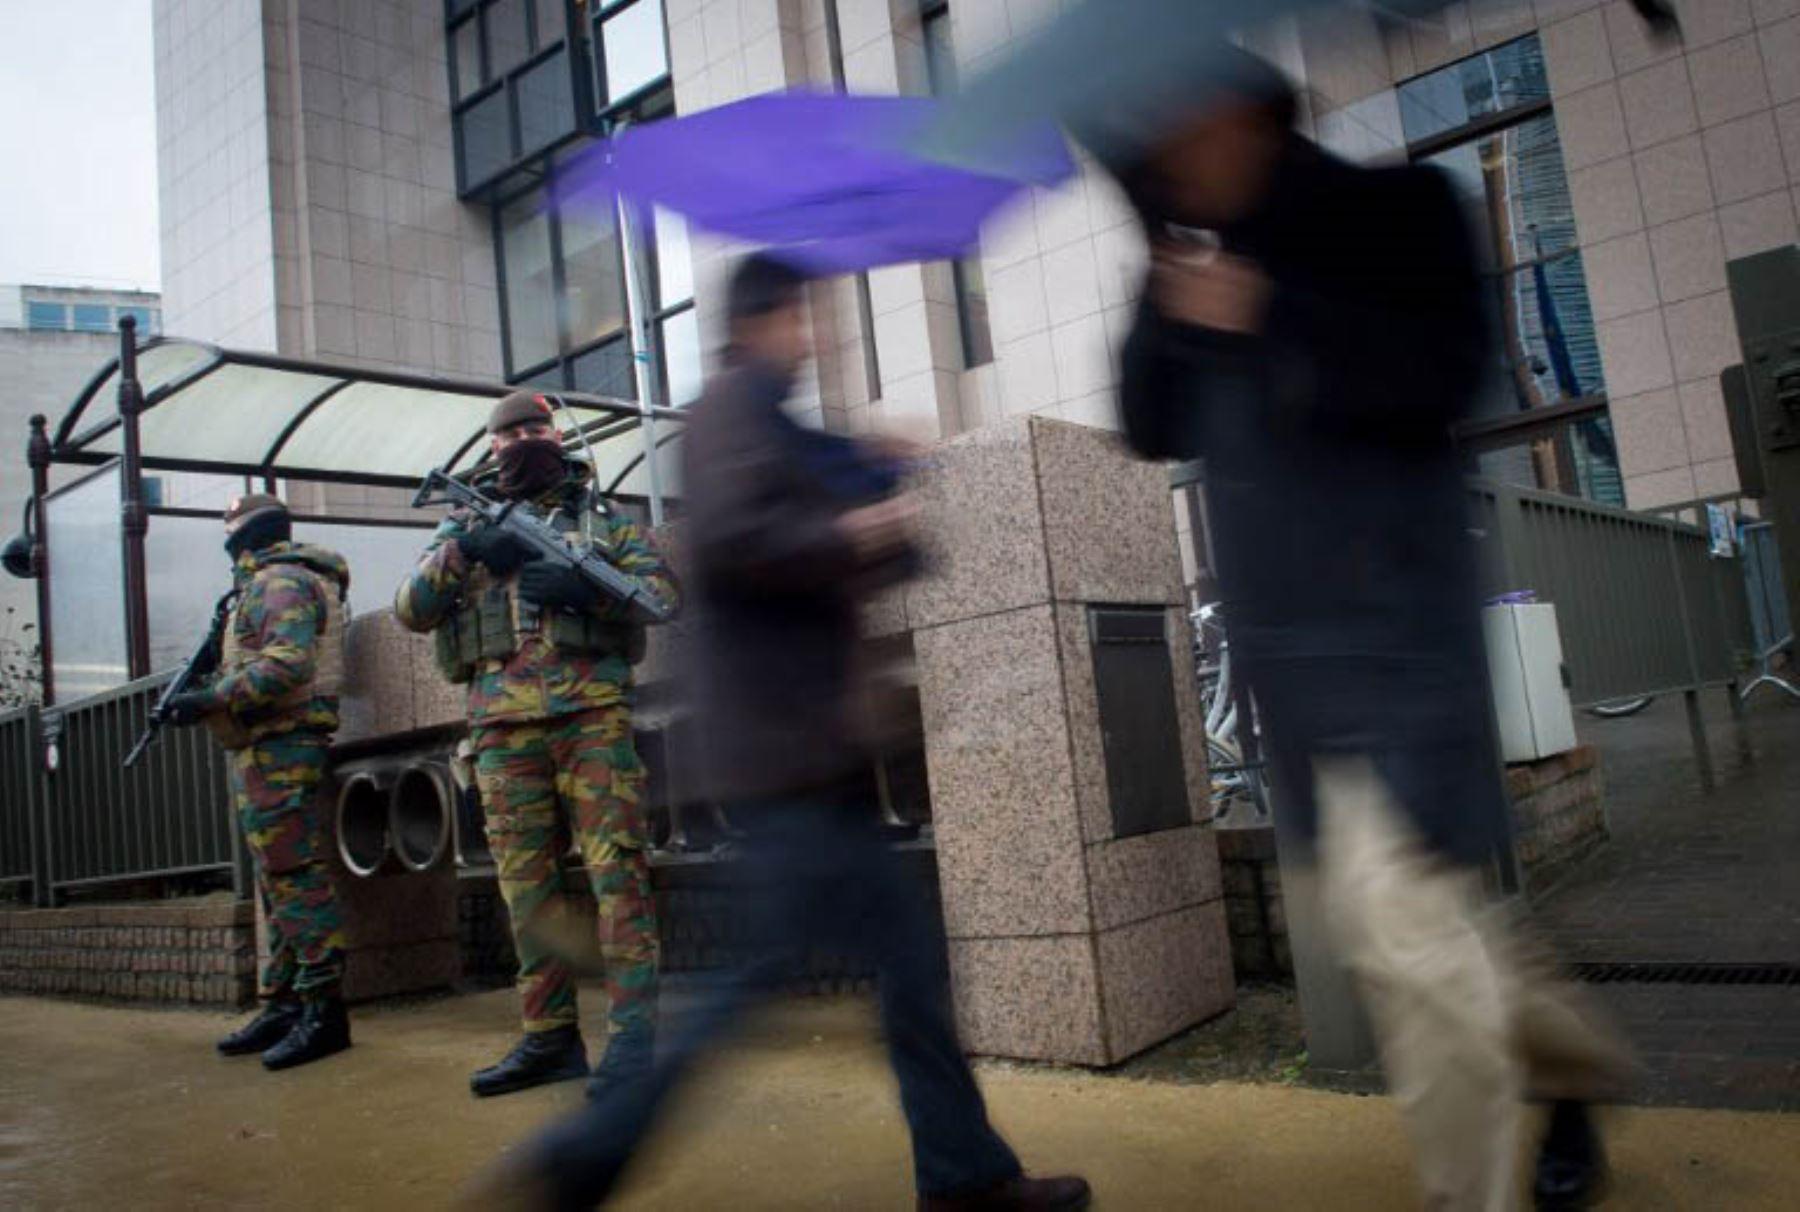 Soldados belgas hacen patrullaje por la Comisión Europea, en Bruselas. La capital belga se mantiene en el más alto nivel de alerta posible. Foto: AFP